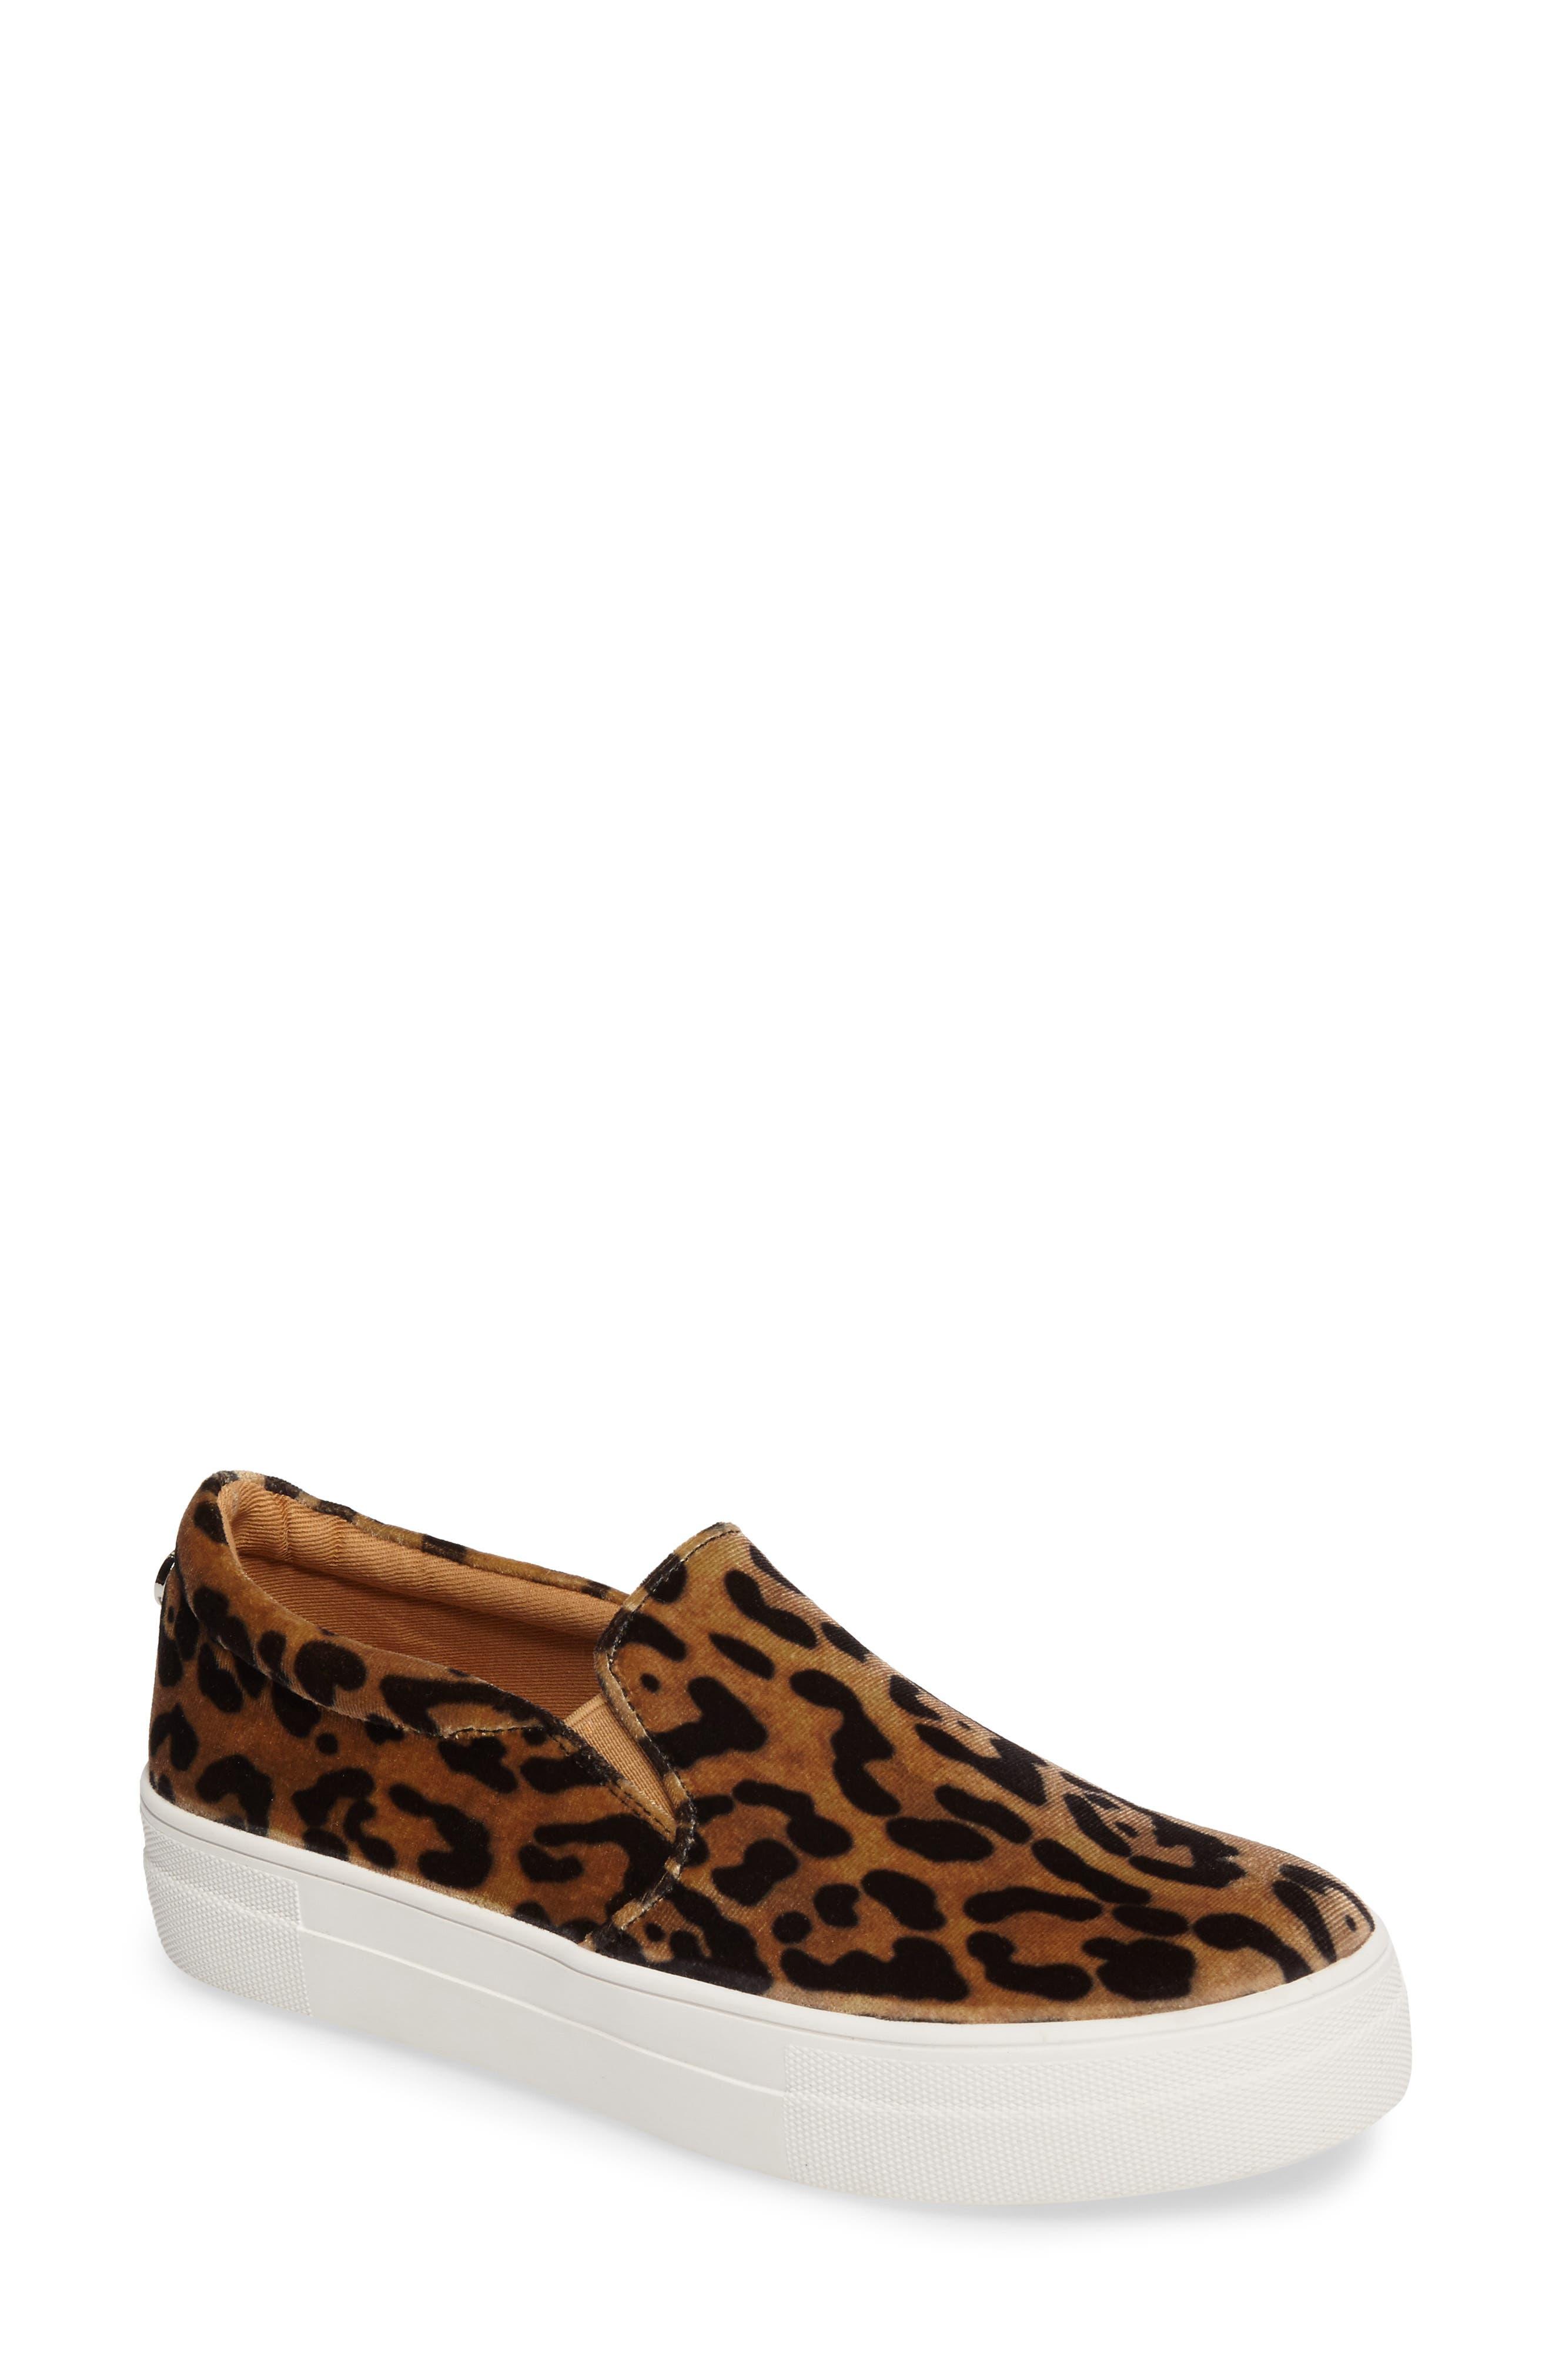 Gills Platform Slip-On Sneaker,                         Main,                         color, 001